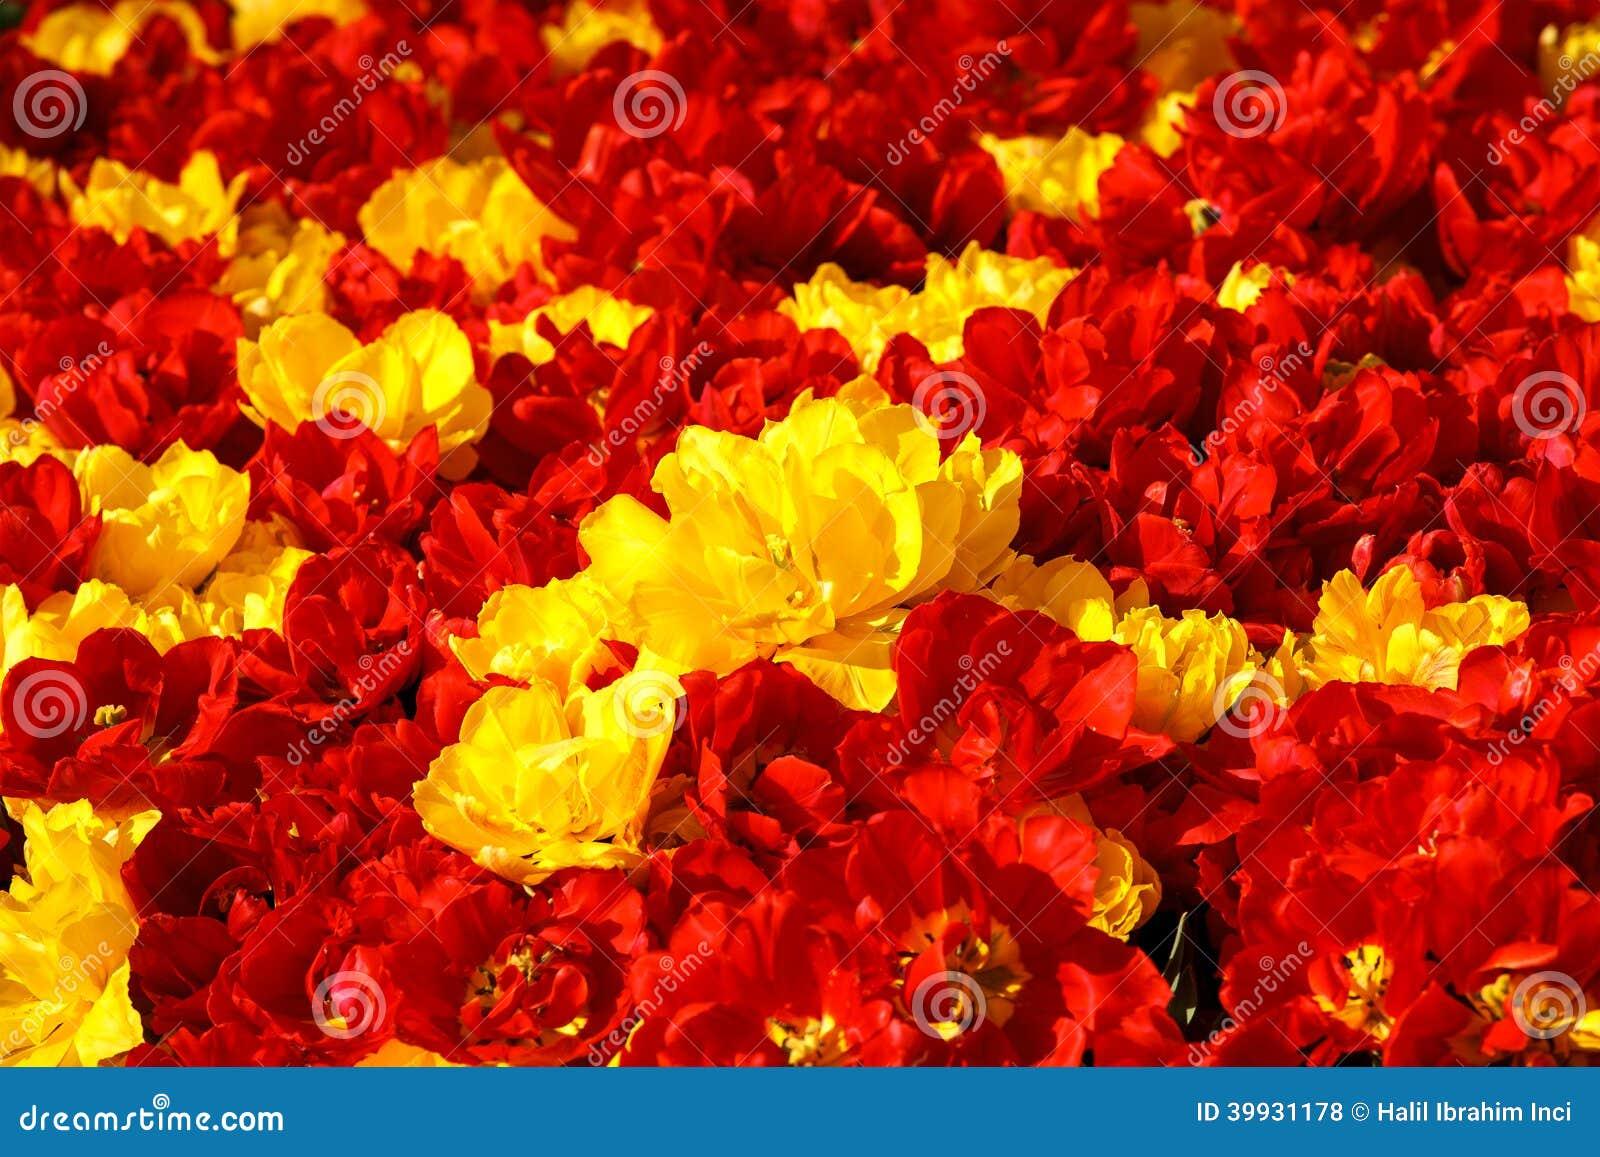 6a0a5ac9b Tulipas amarelas vermelhas foto de stock. Imagem de misturado - 39931178